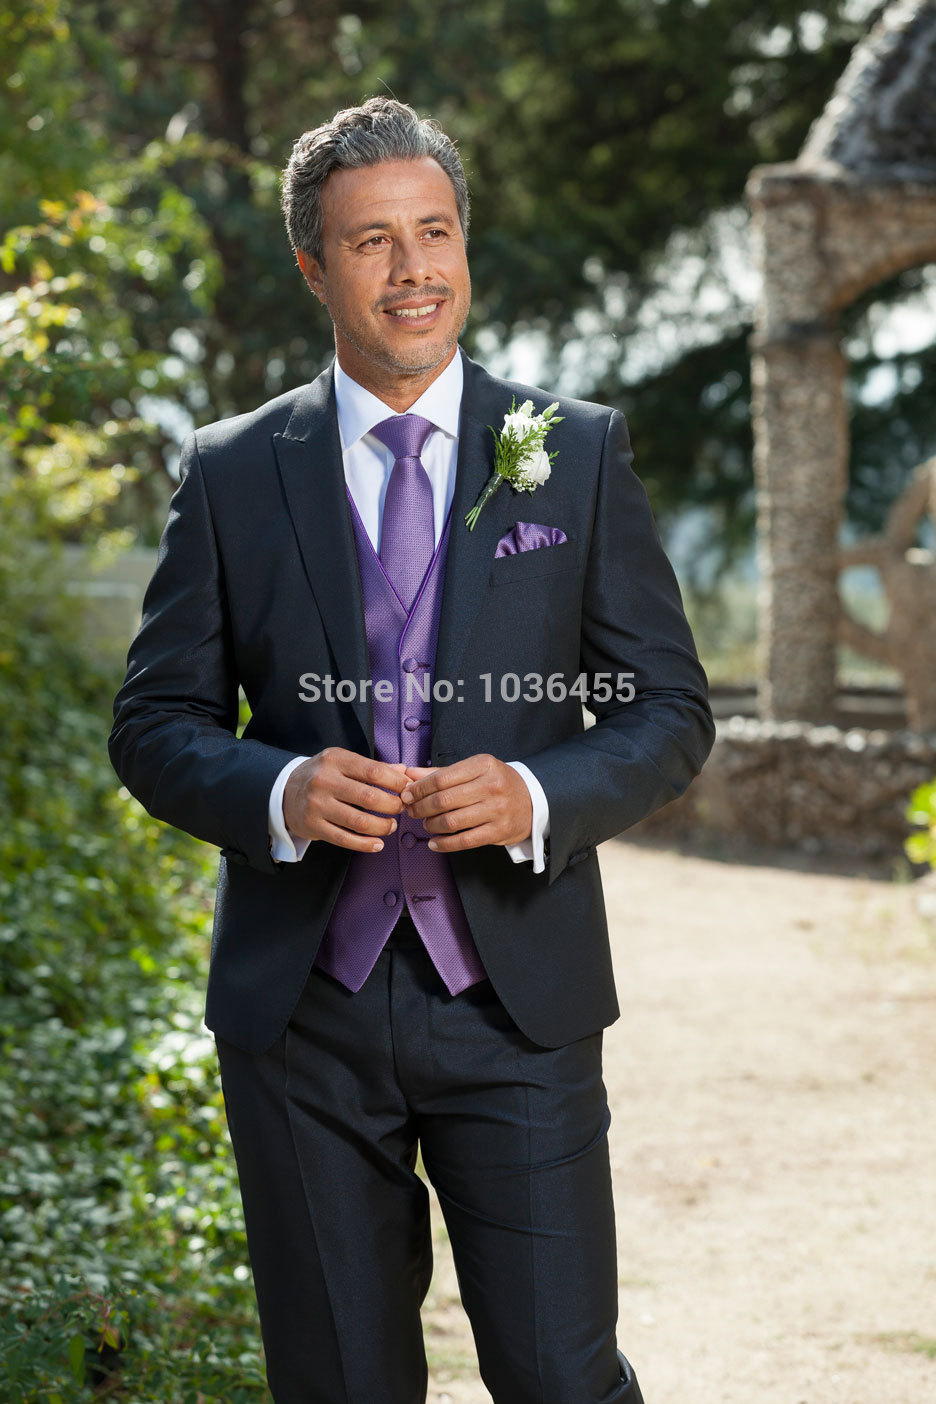 2017 Customized mens tuxedo jacket Wedding suits Mens Suit Groom Tuxedos best men Suits Jacket+Pants